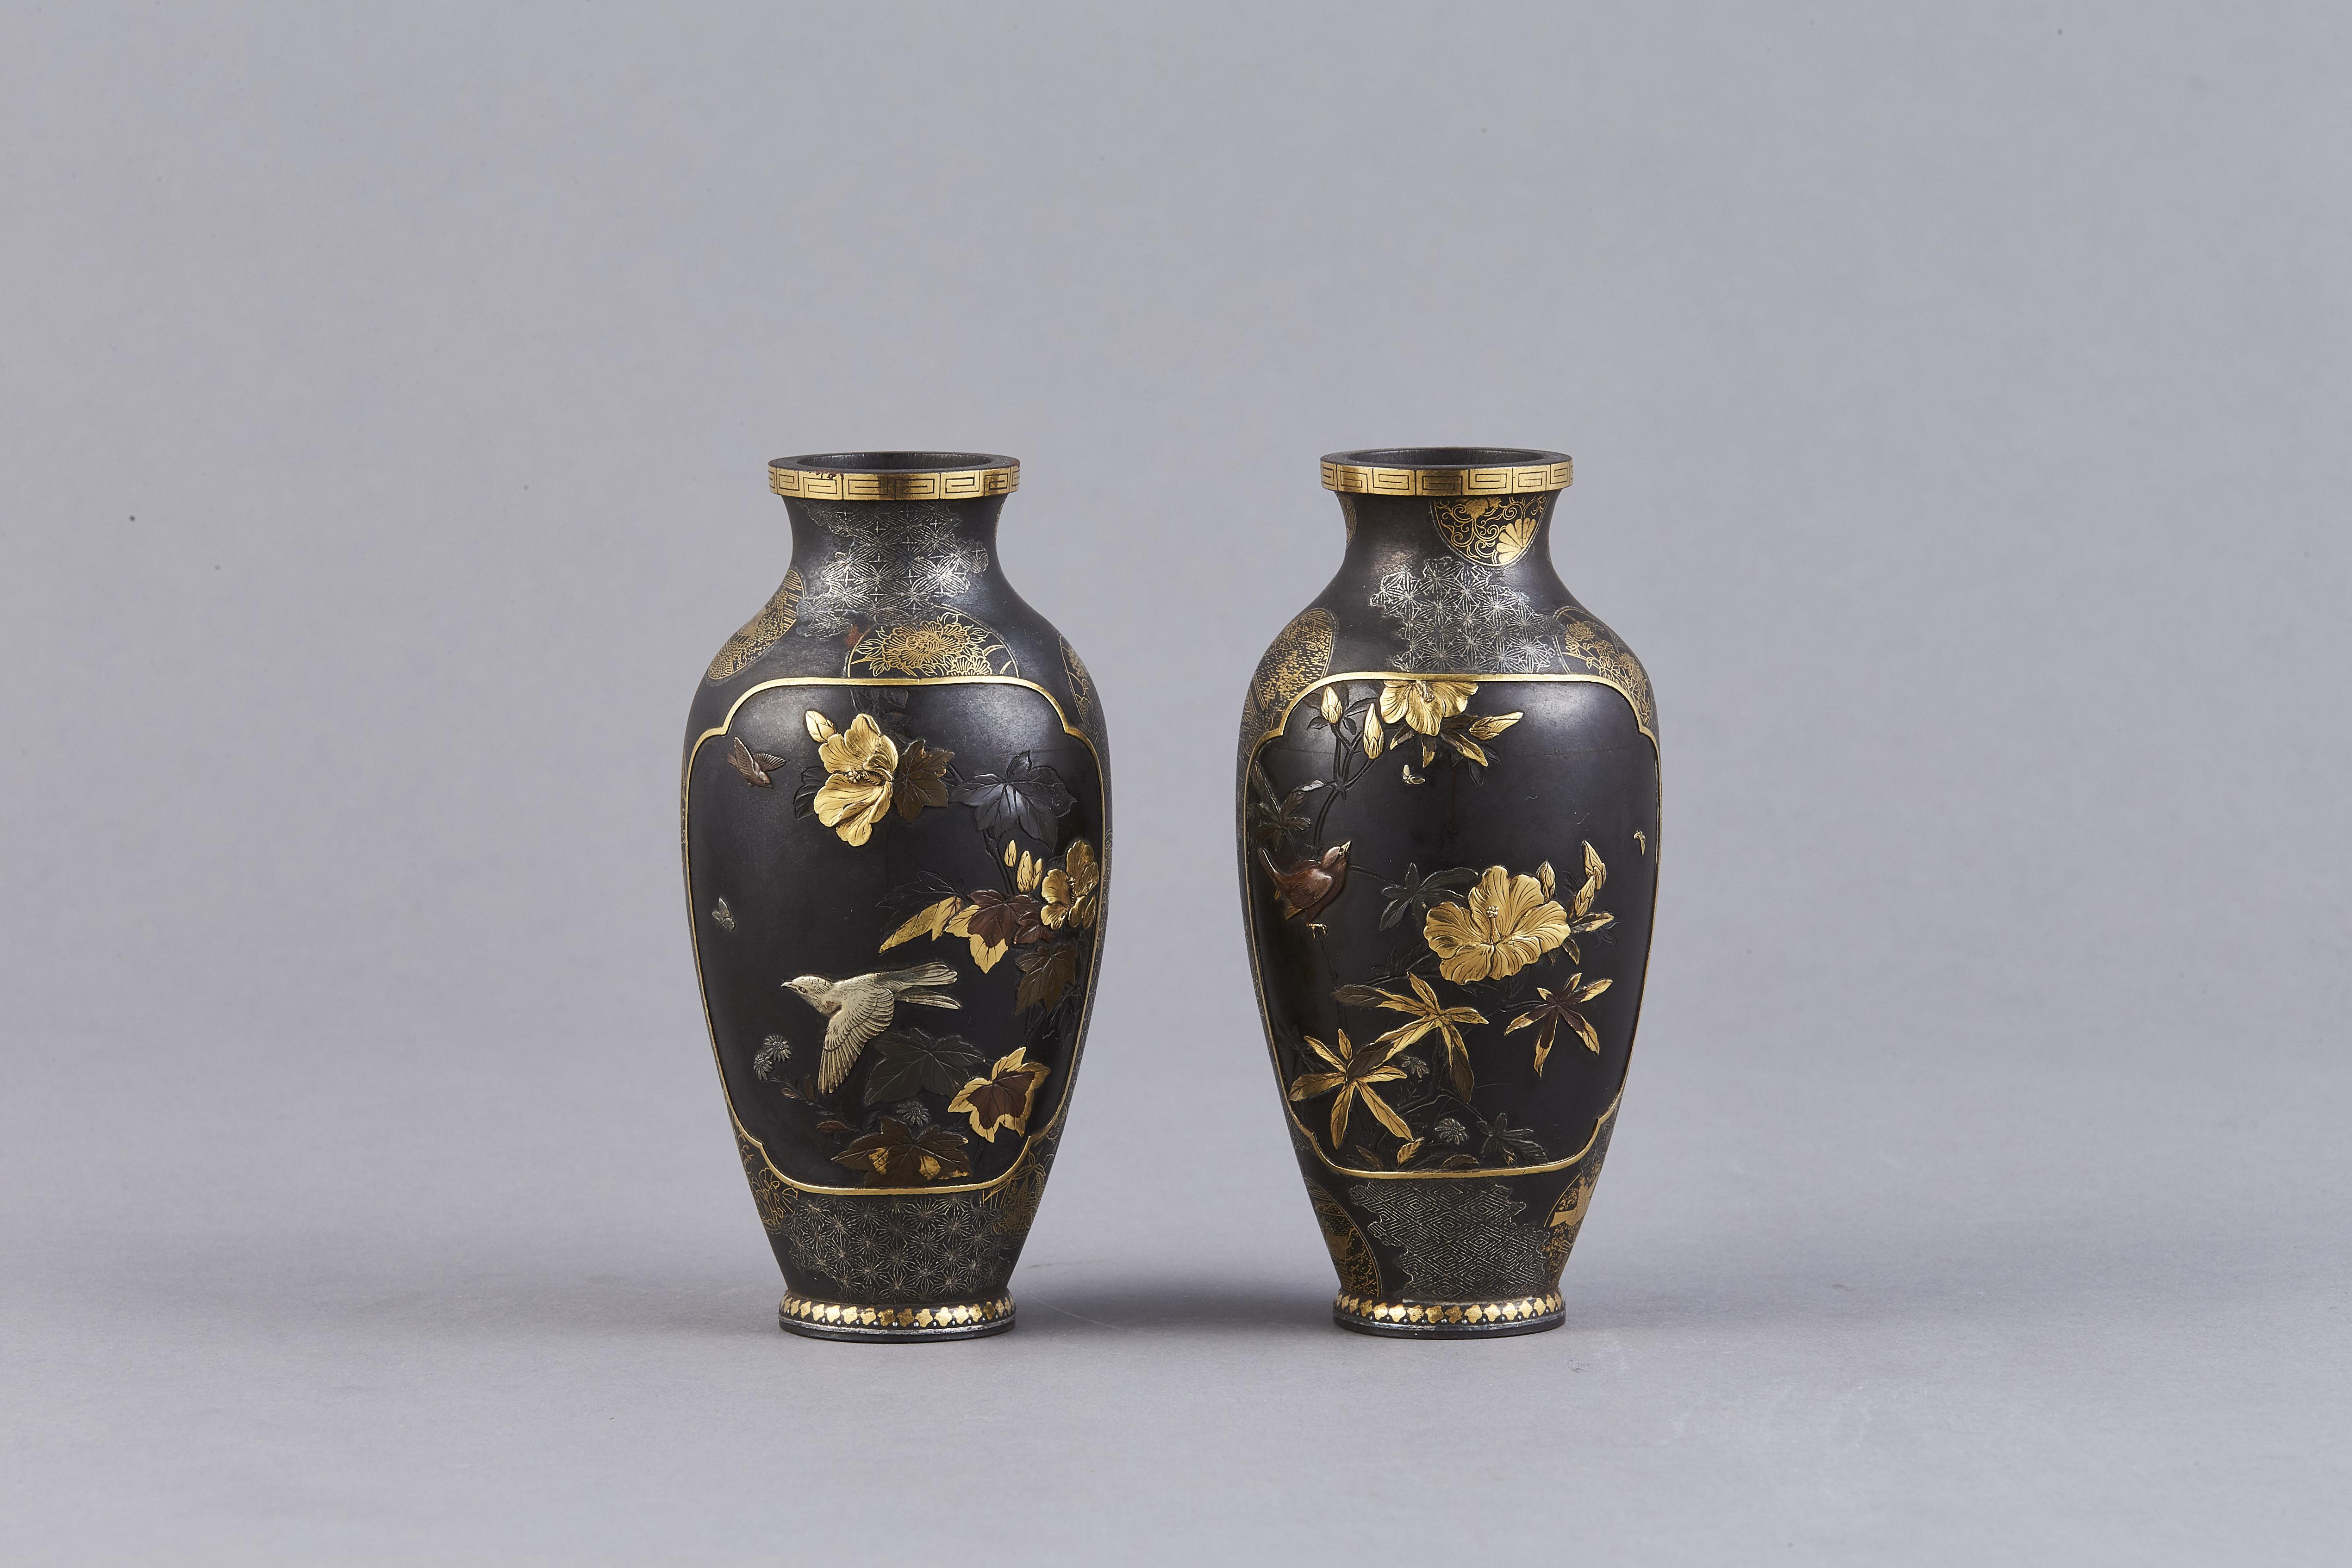 171217鉄錯金銀 花鳥紋 瓶 一対